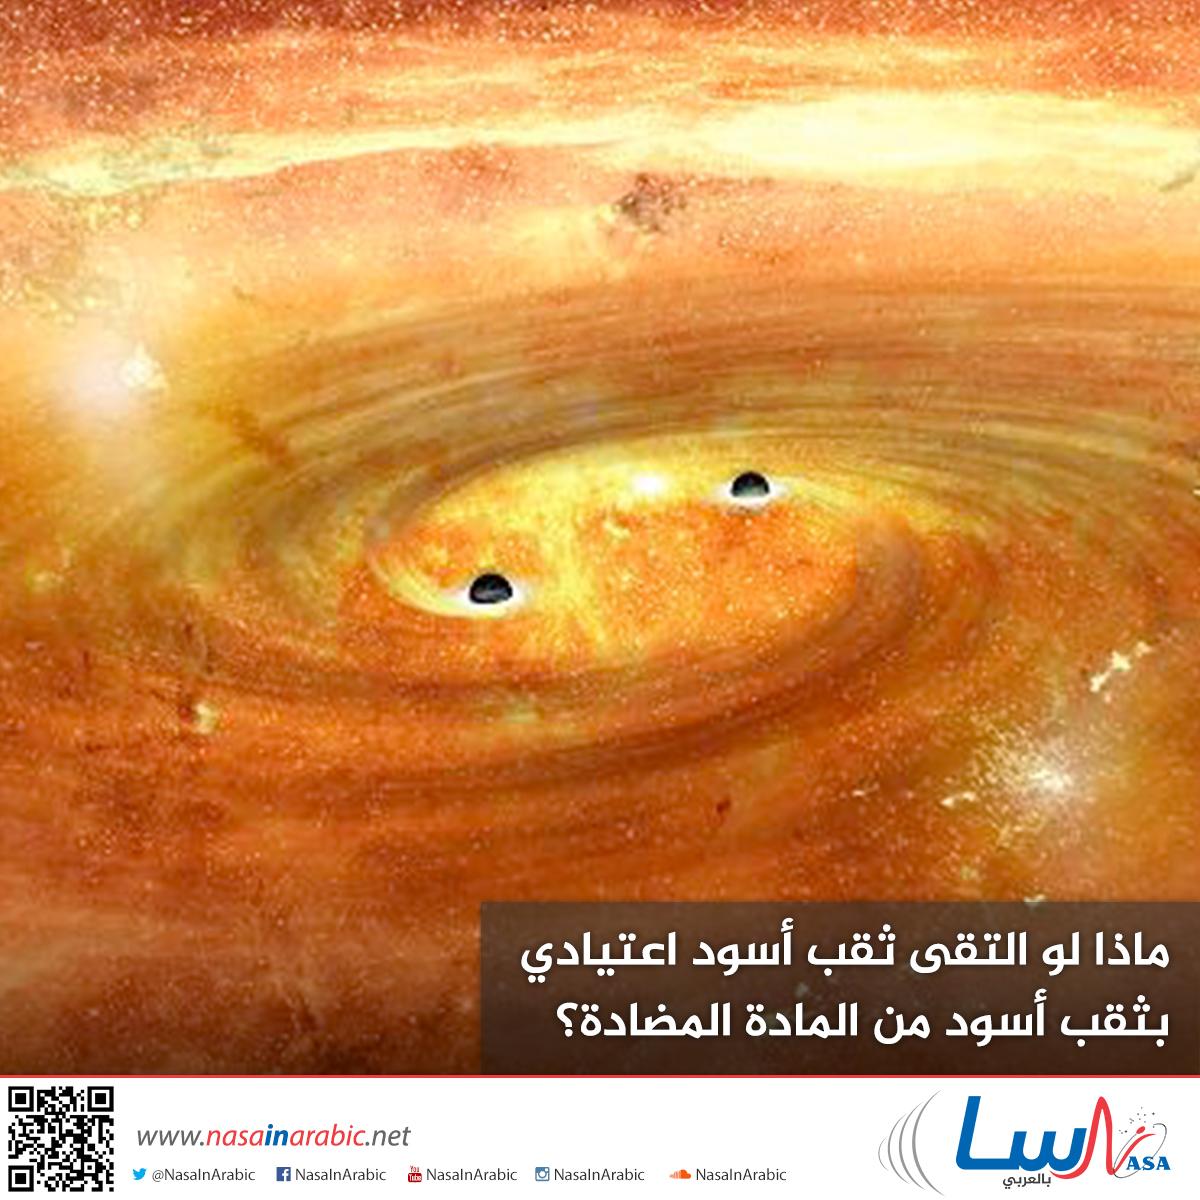 ماذا لو التقى ثقب أسود اعتيادي بثقب أسود من المادة المضادة؟